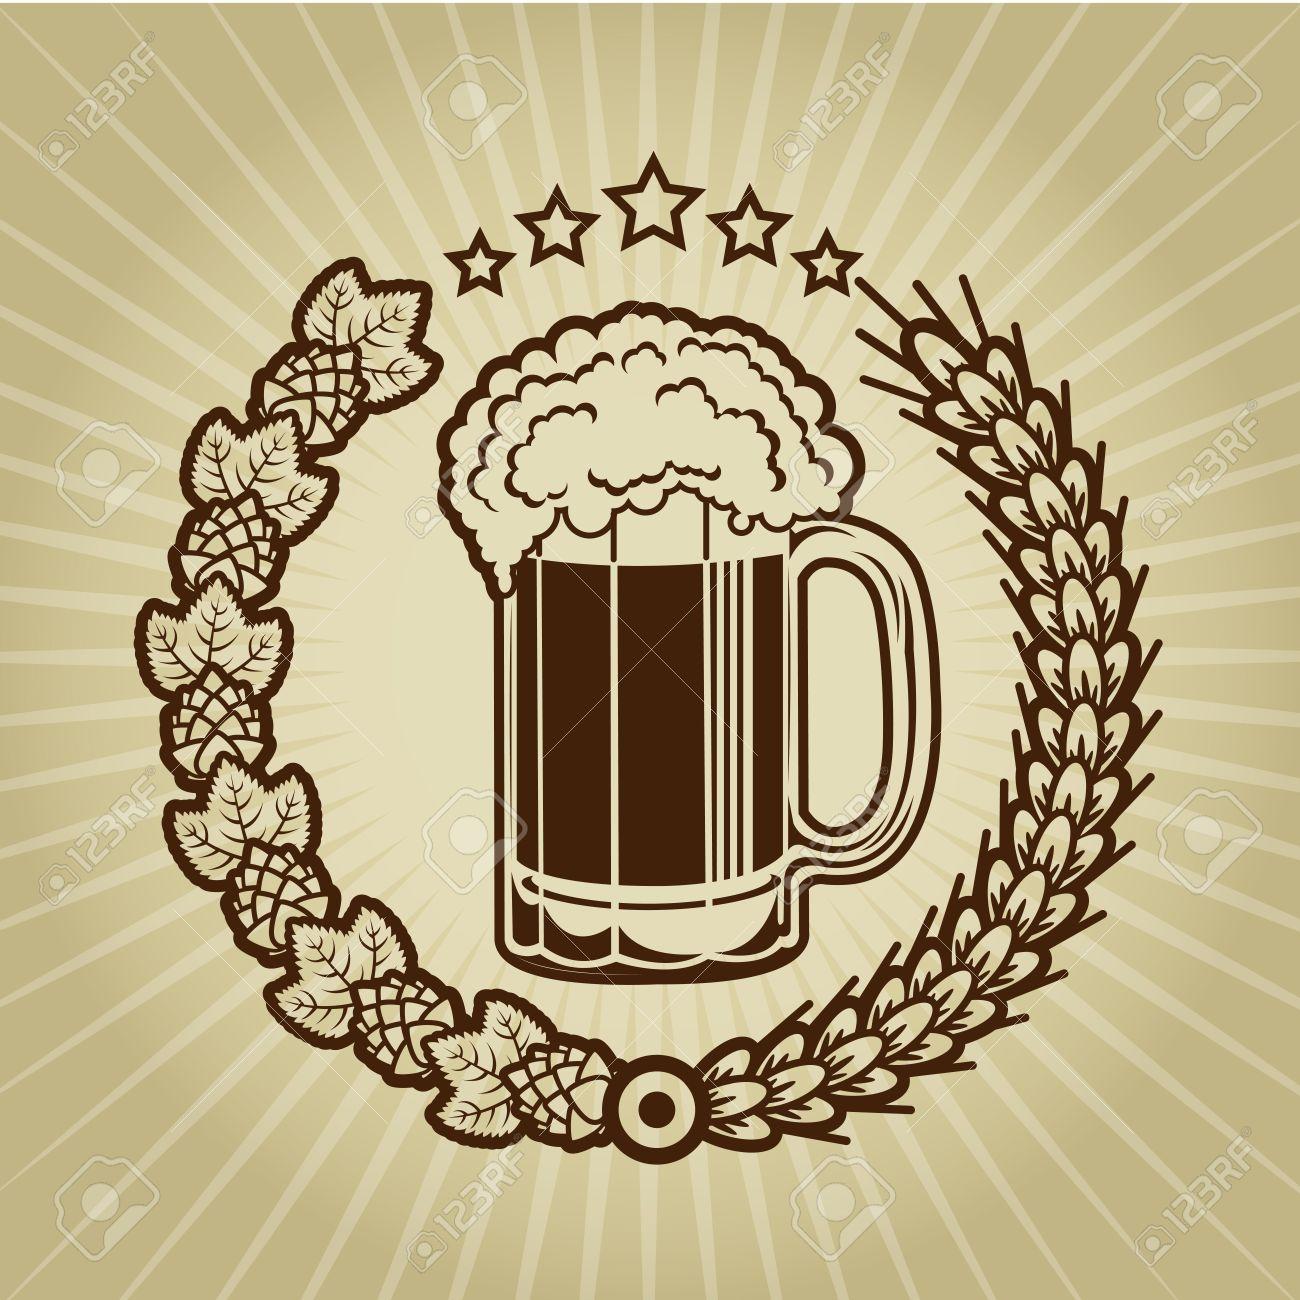 Vintage Beer Mug Seal Stock Vector - 18357387